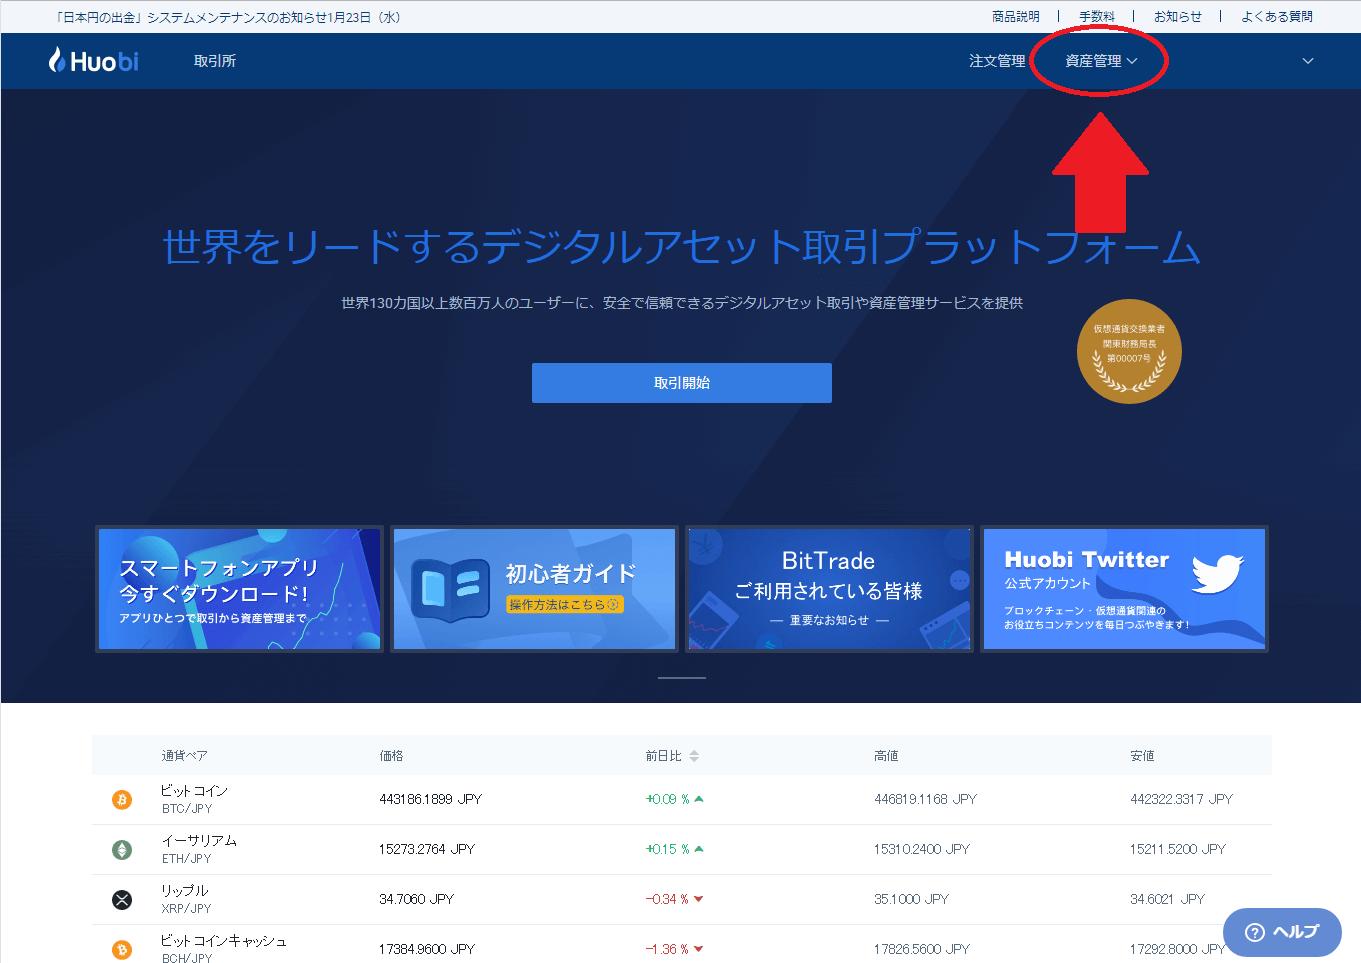 huobi-japan-bank-deposit-1